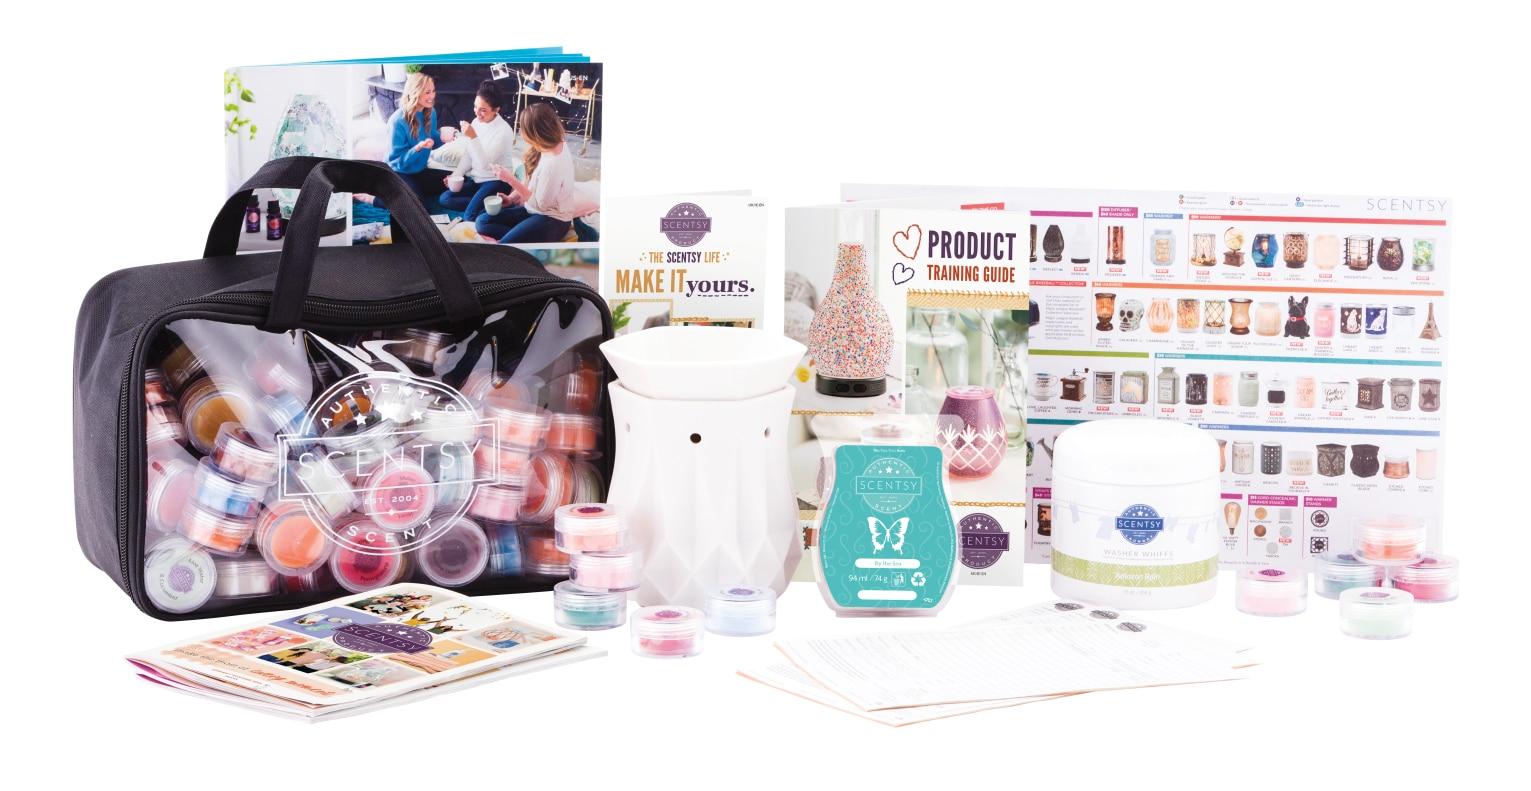 Reinstatement Starter Kit contents